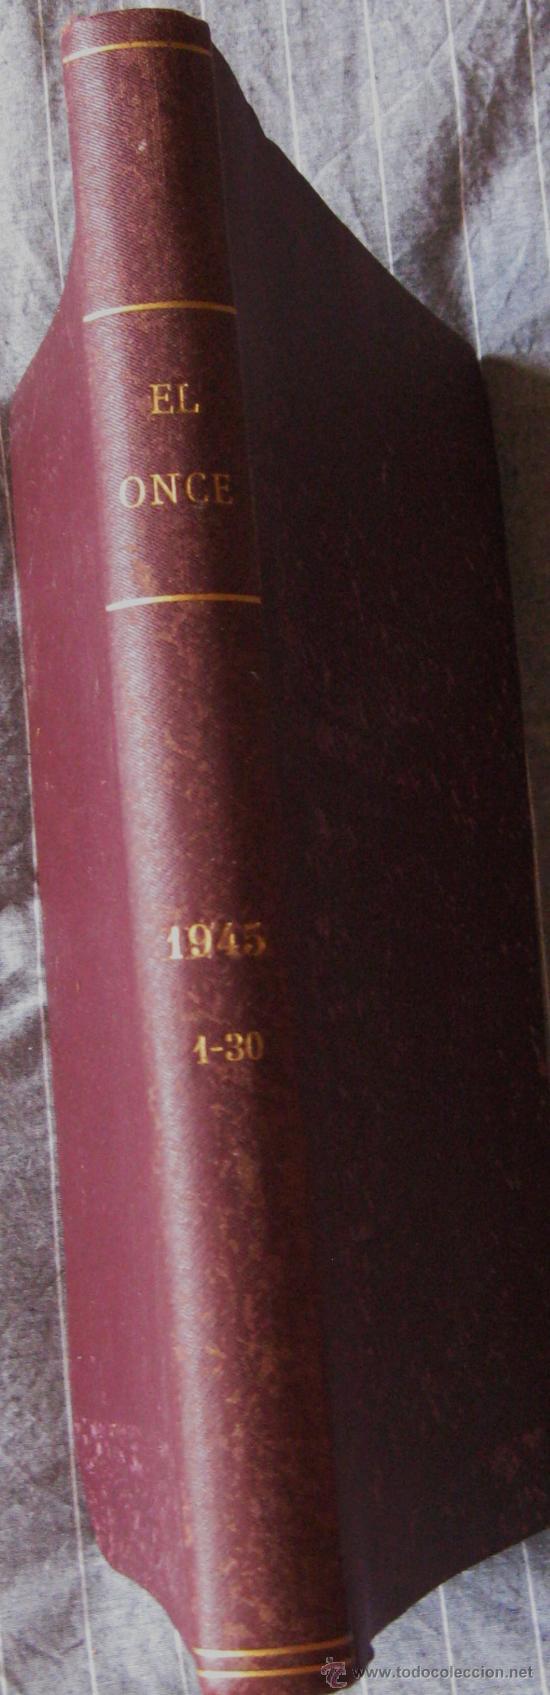 ONCE. REVISTA FUTBOL,HUMOR,CARICATURAS....AÑO 1945 Nº DEL 1 AL 30 ENCUADERNADOS. (Coleccionismo Deportivo - Revistas y Periódicos - otros Deportes)